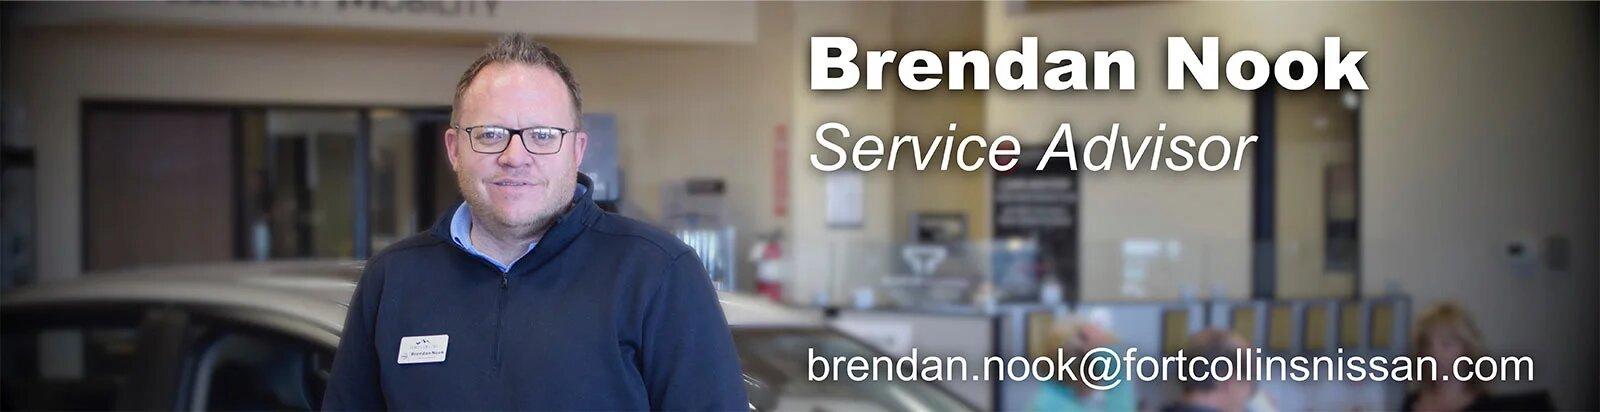 Brendan Nook